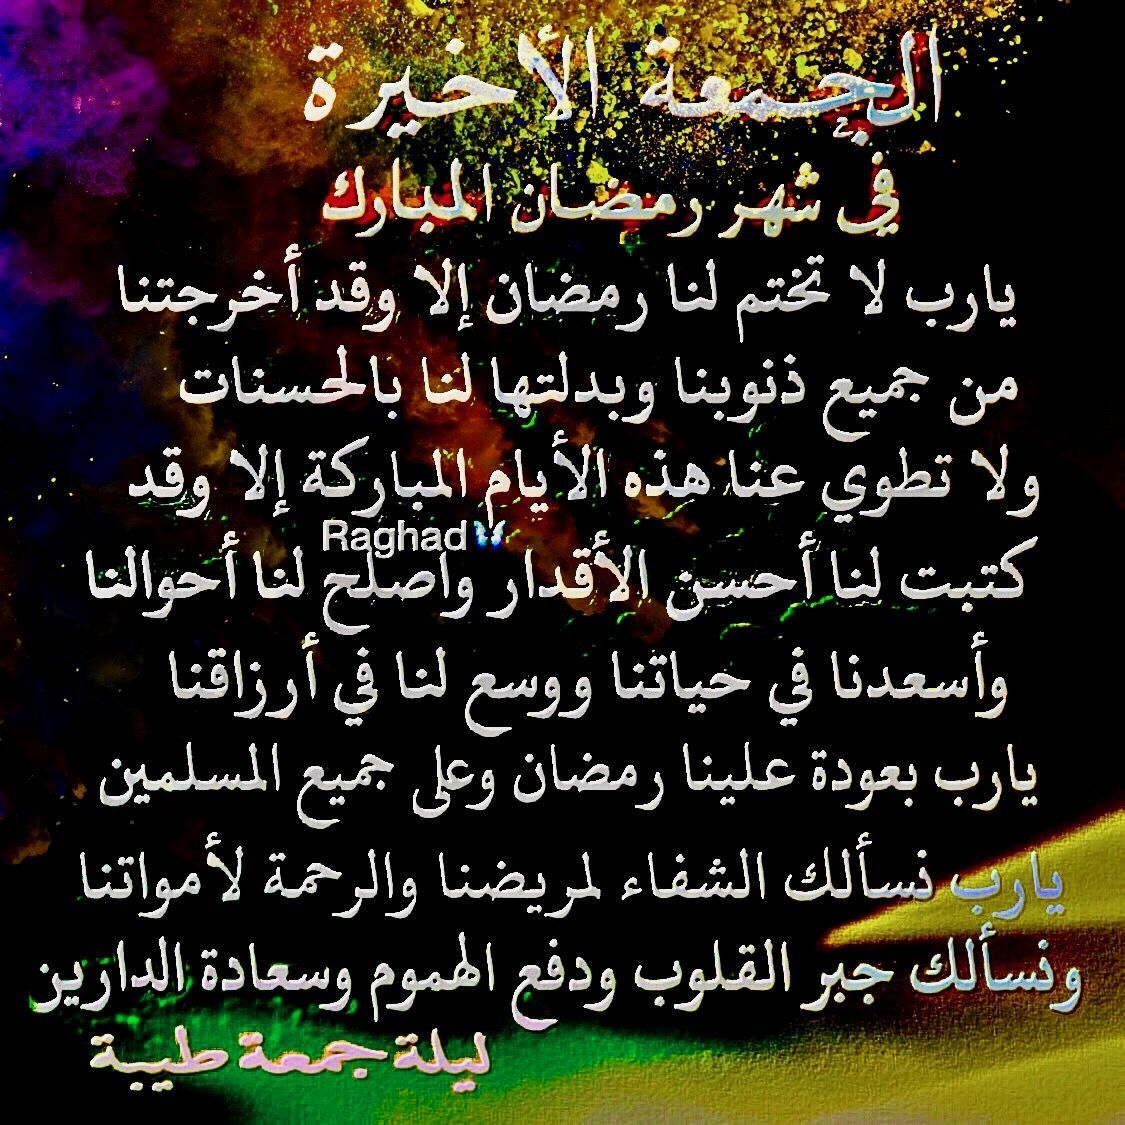 Friday Ramadan Ramadan Kareem Islam